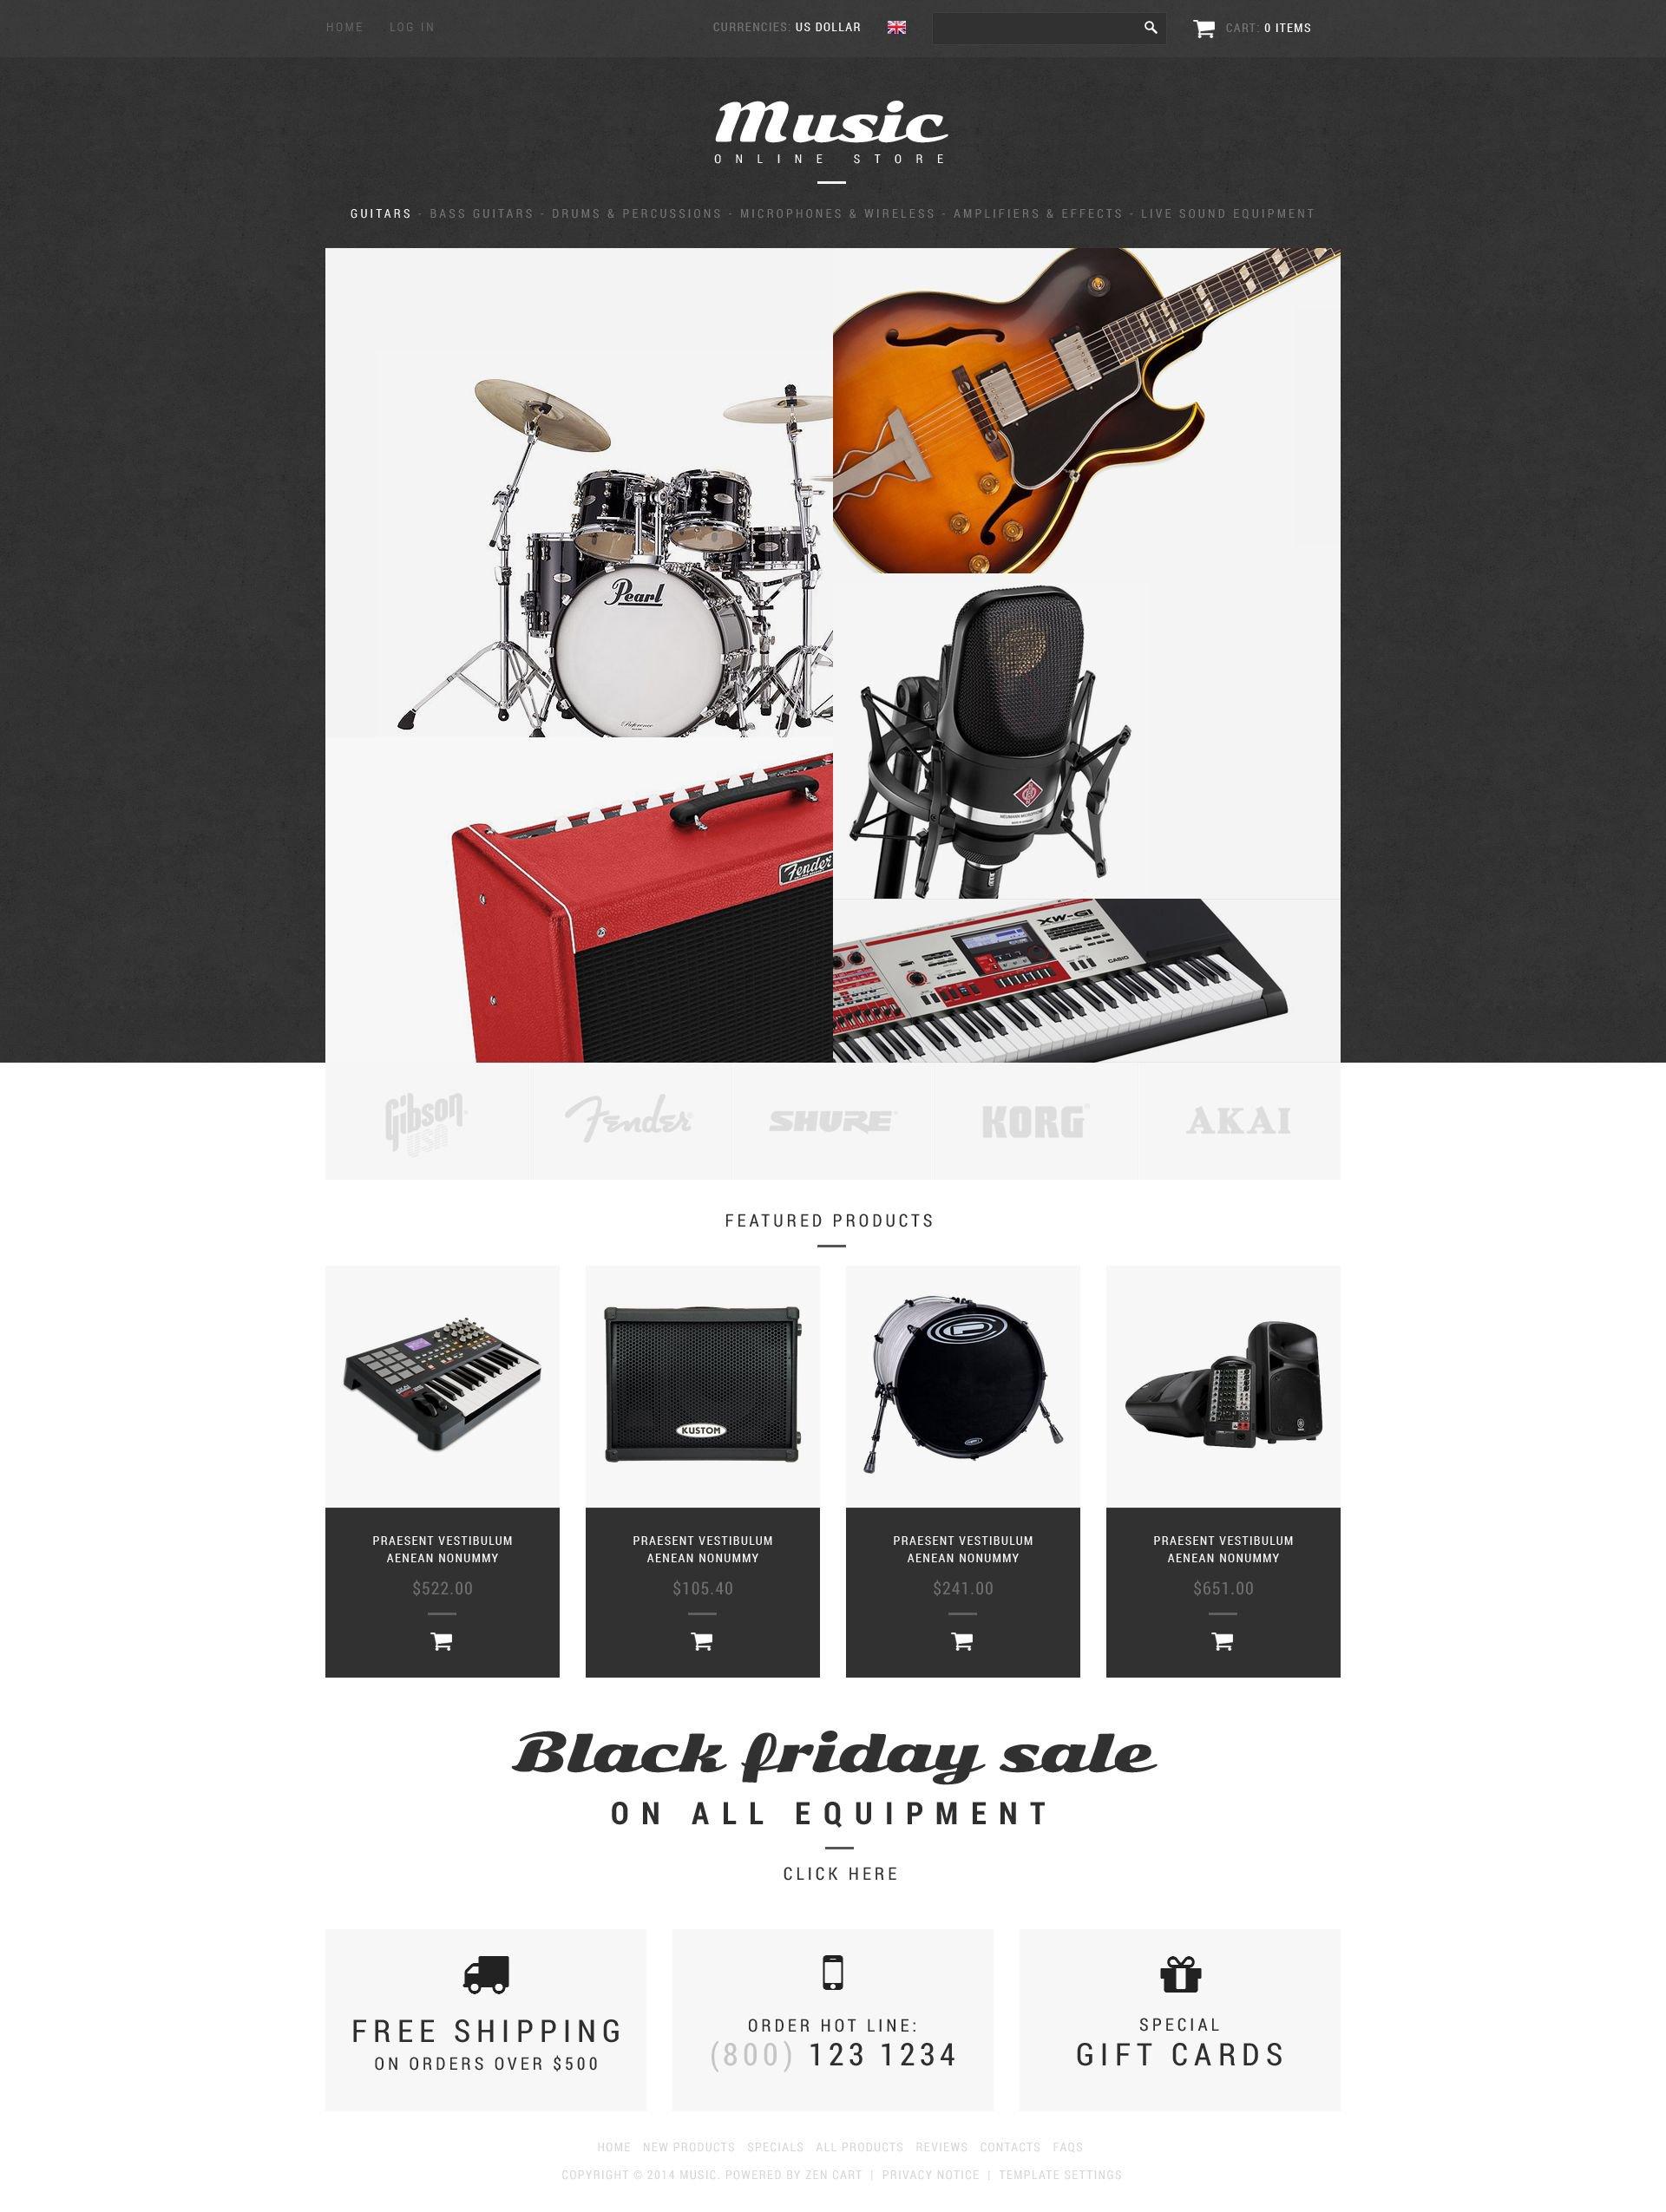 Music Shop Zencart #51880 - Ekran resmi